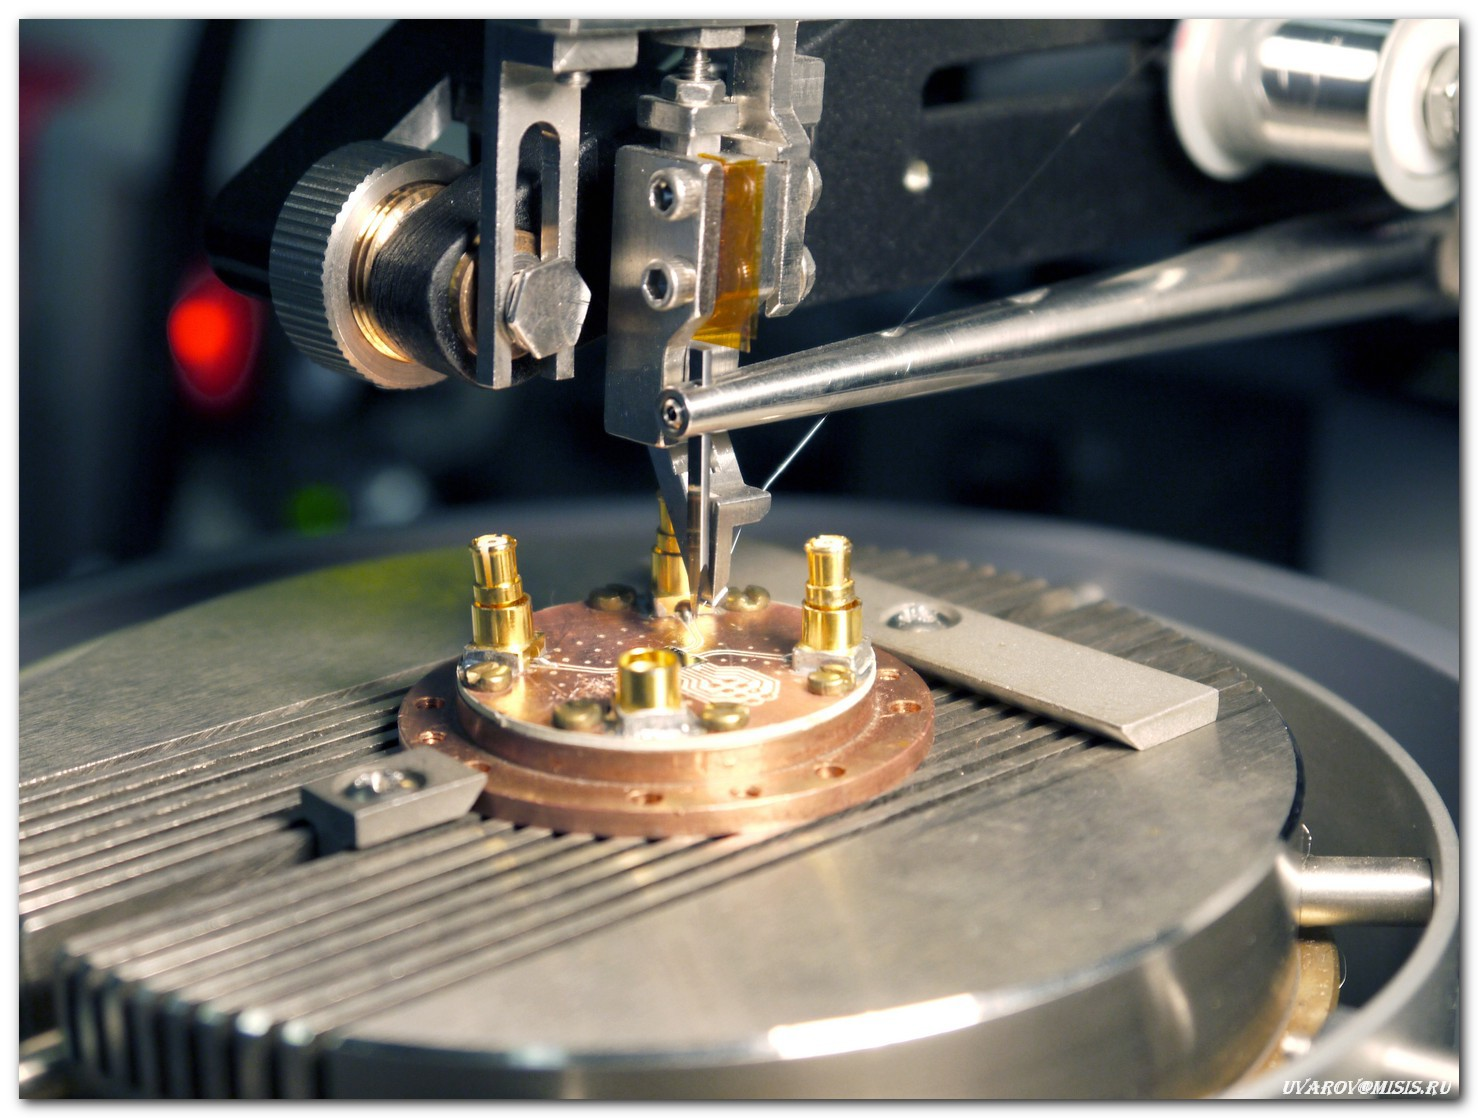 Лаборатории НИТУ «МИСиС»: от разделения наночастиц магнетита до создания квантового компьютера - 20